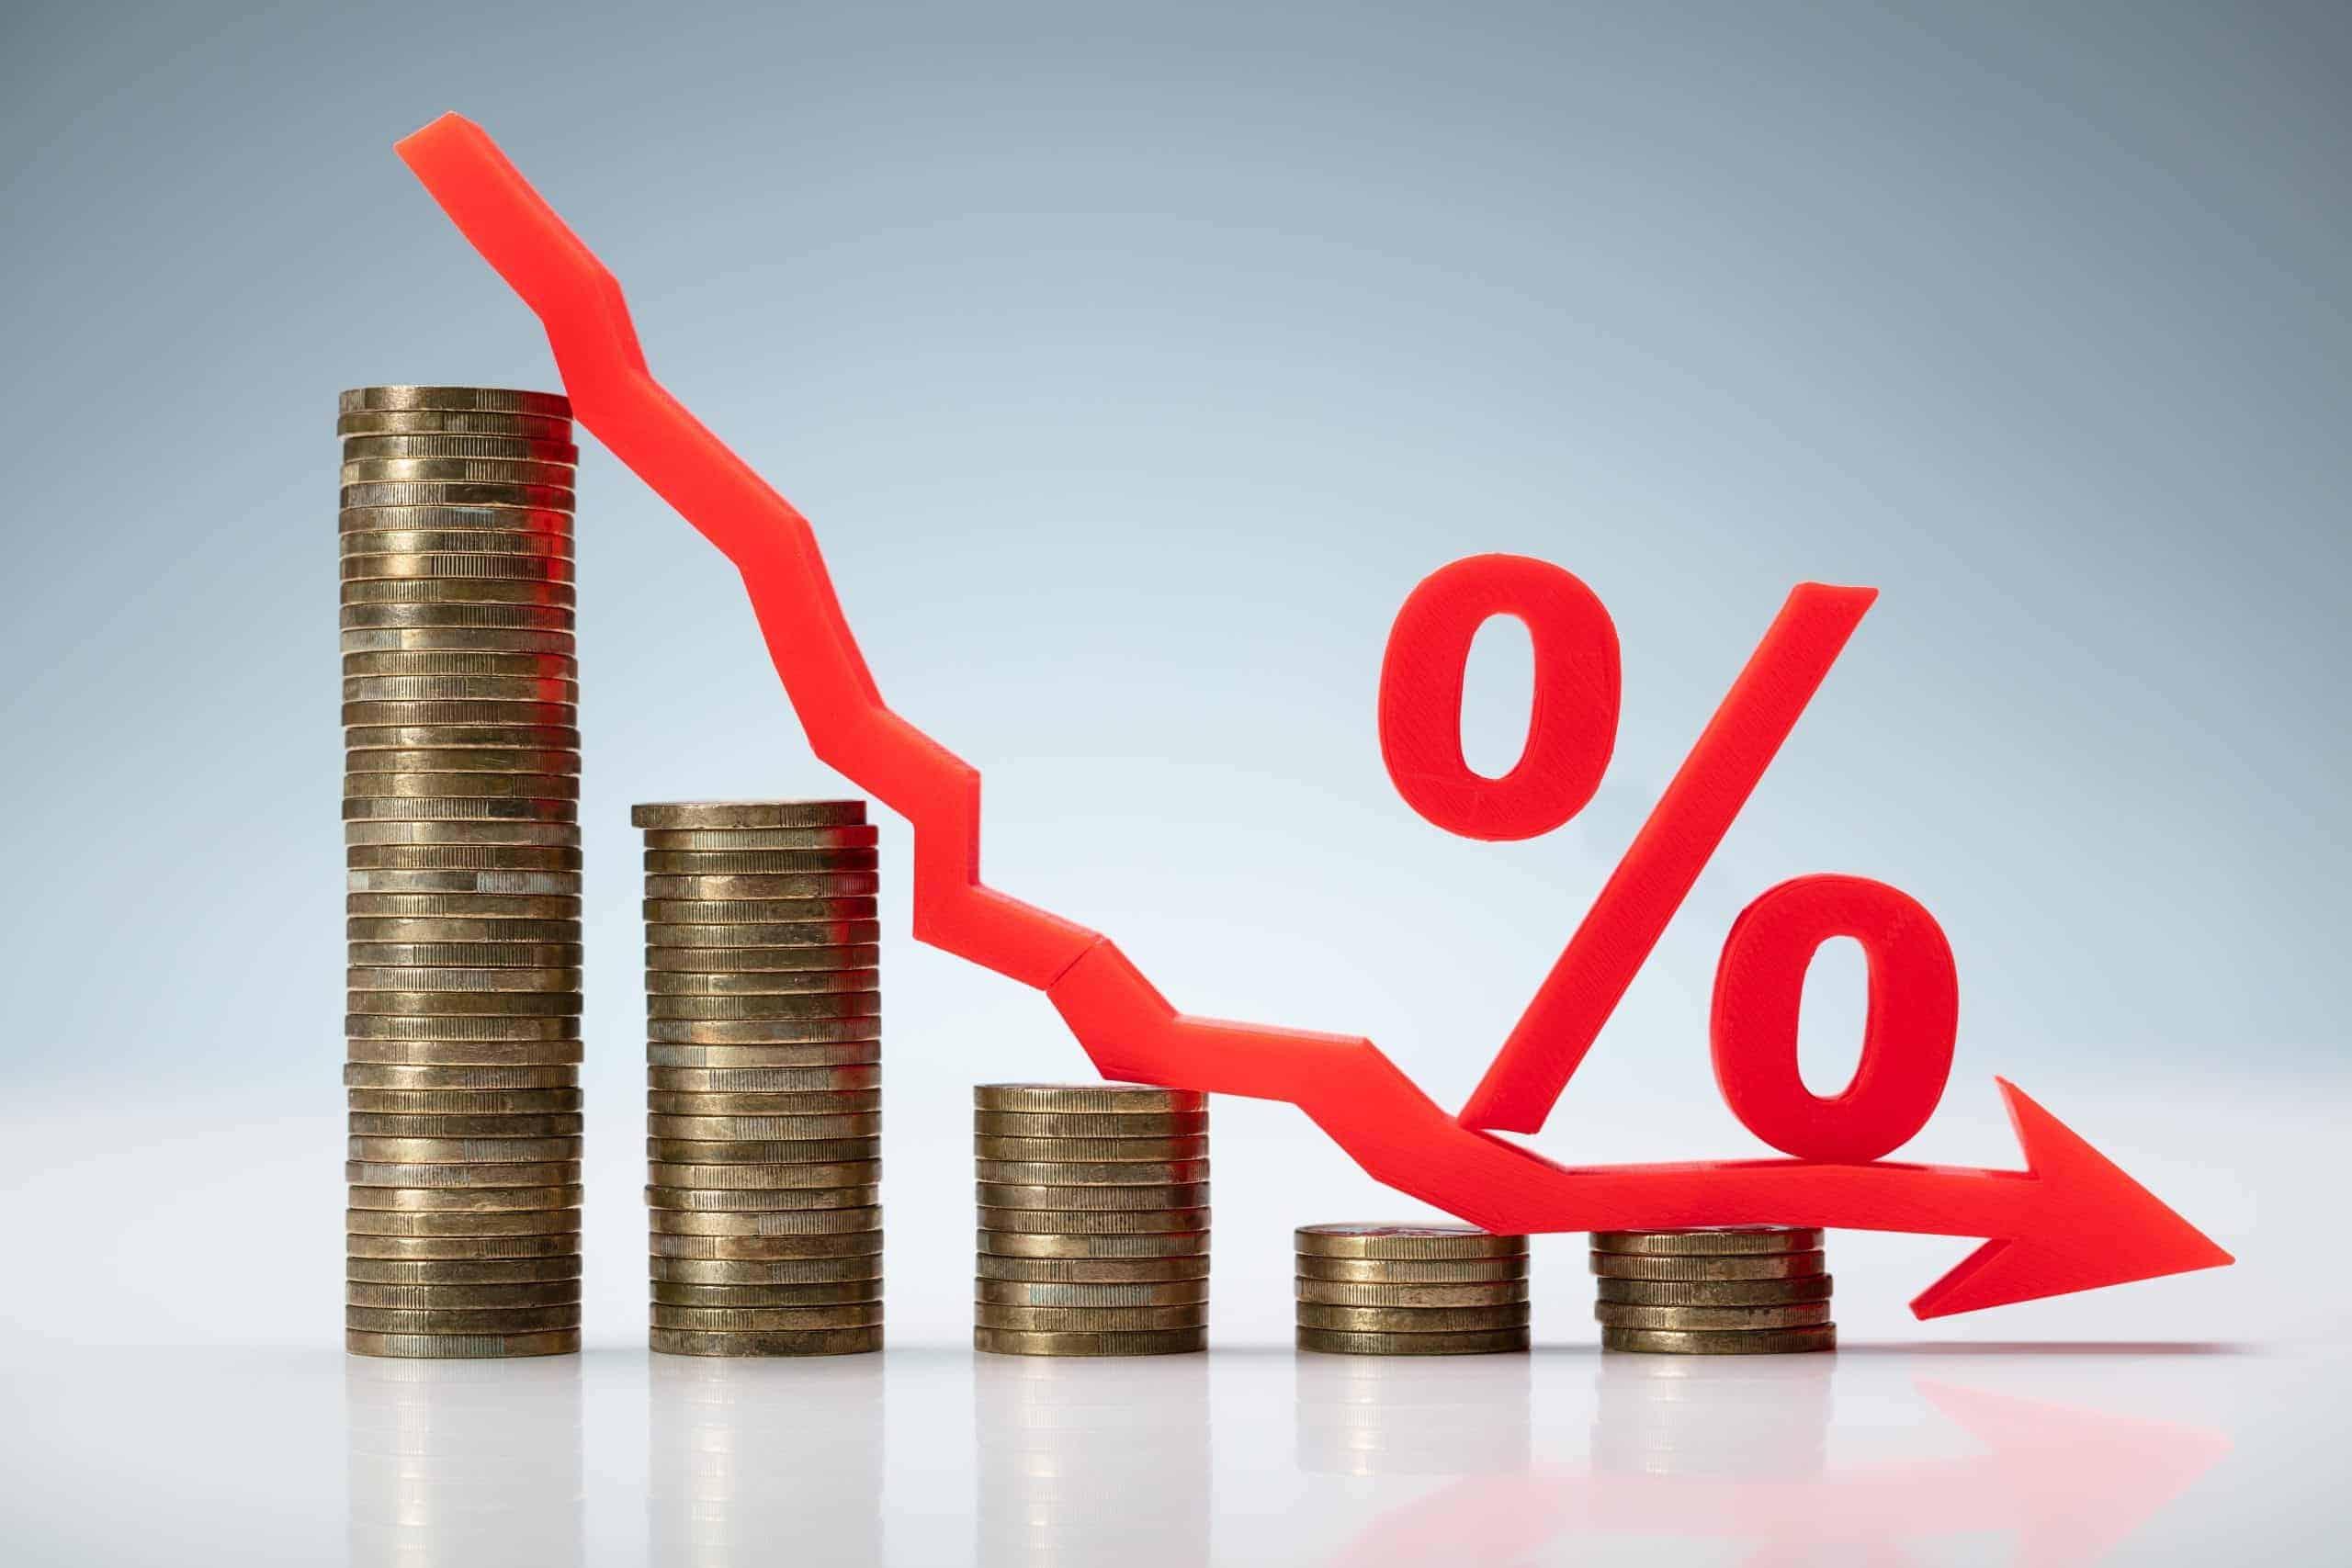 Principais bancos reduzem taxa de juros